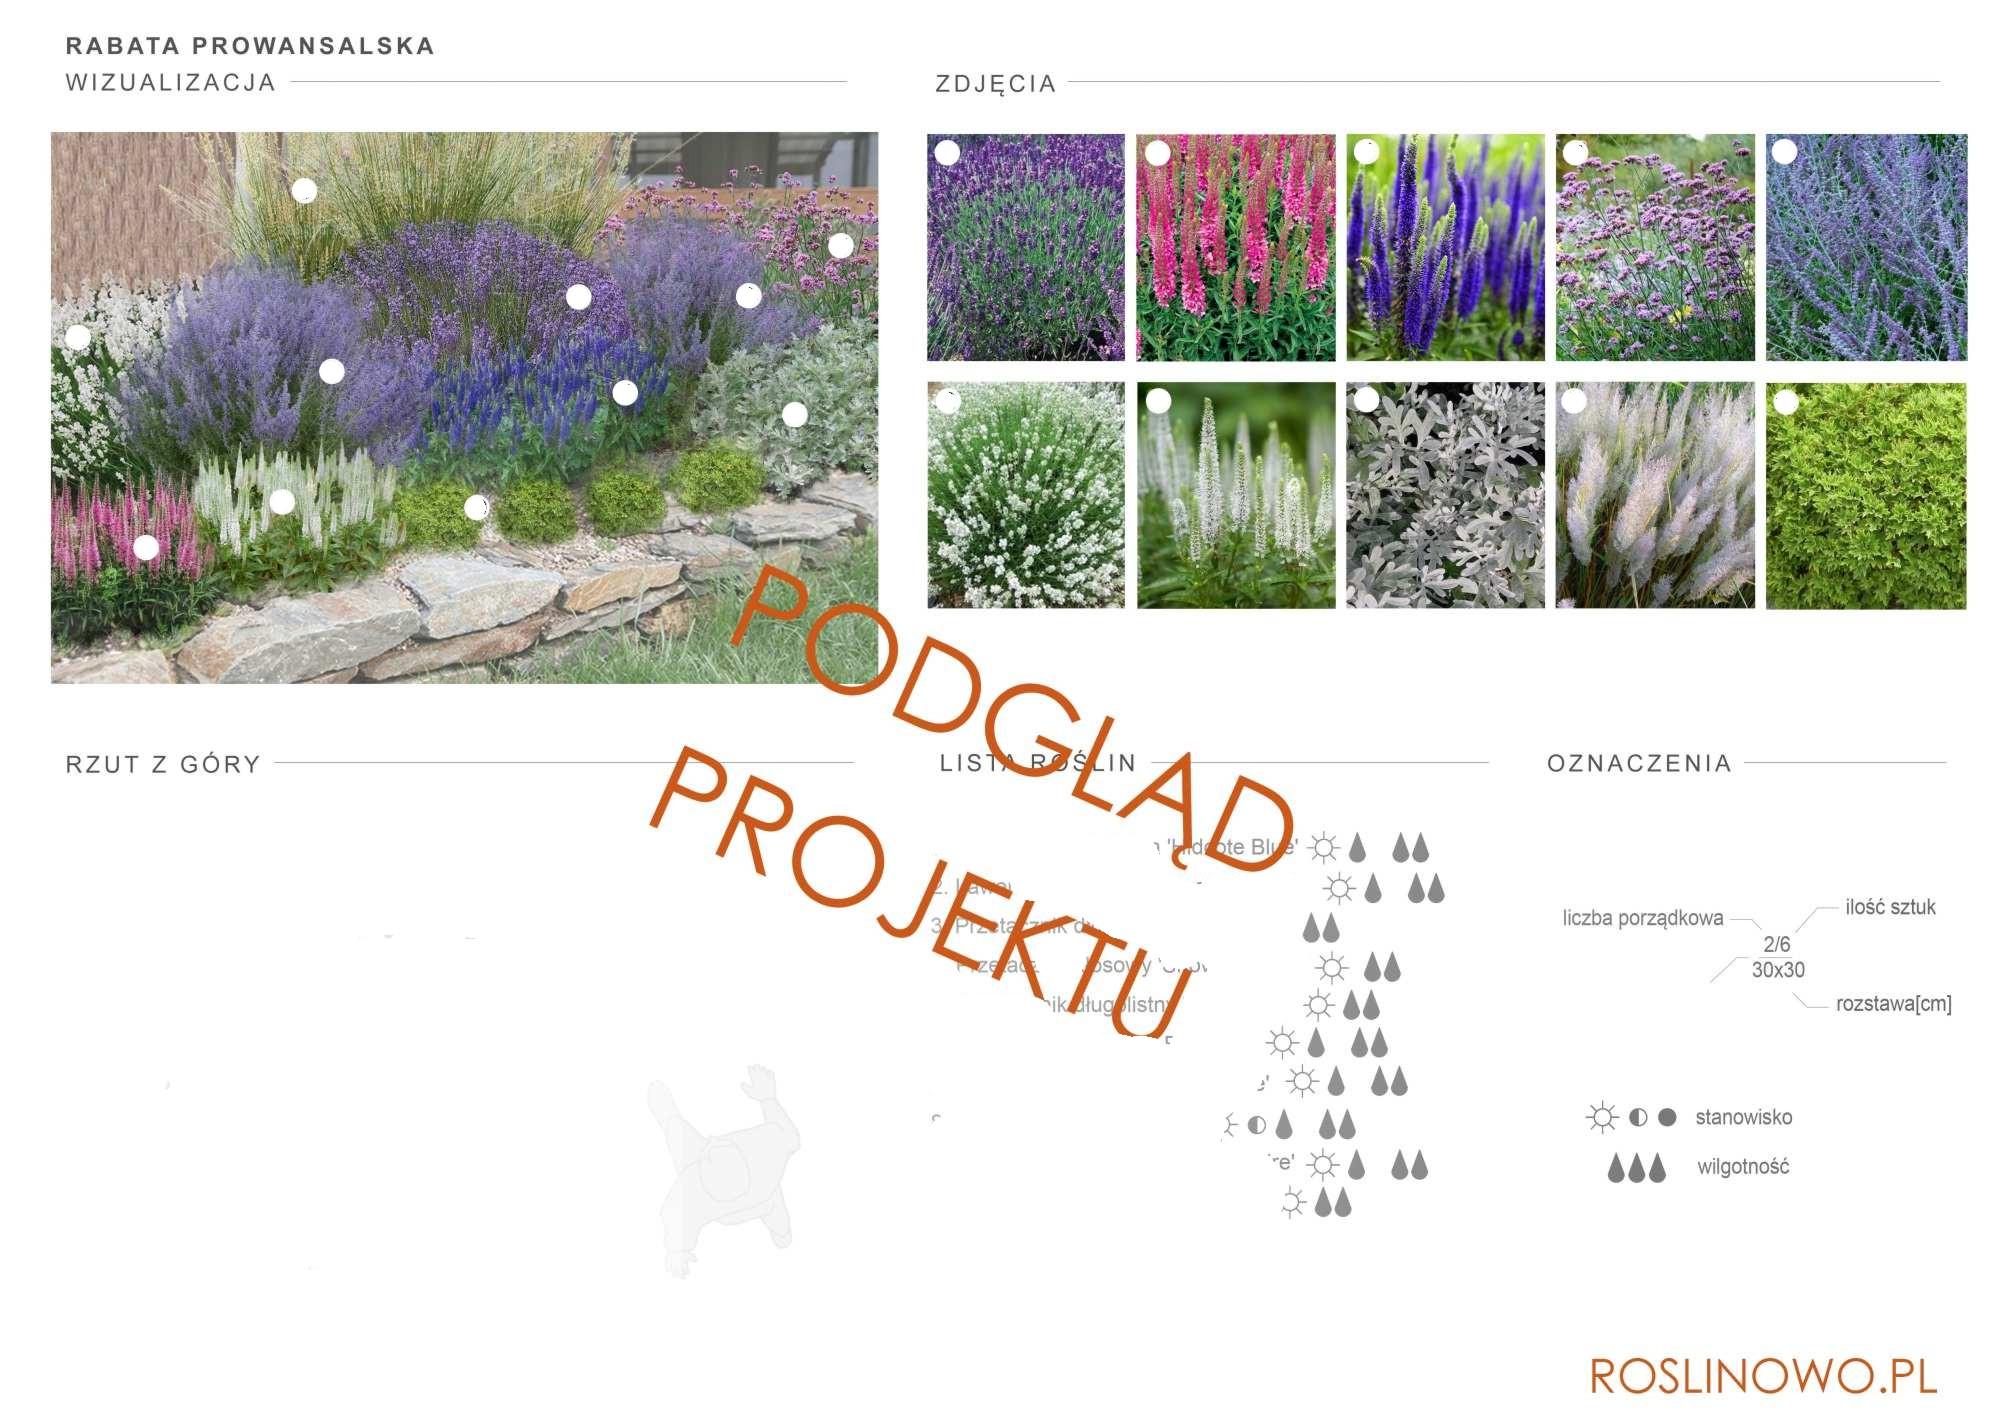 projekt nasadzeń roślin rabaty bylinowej - prowansalska